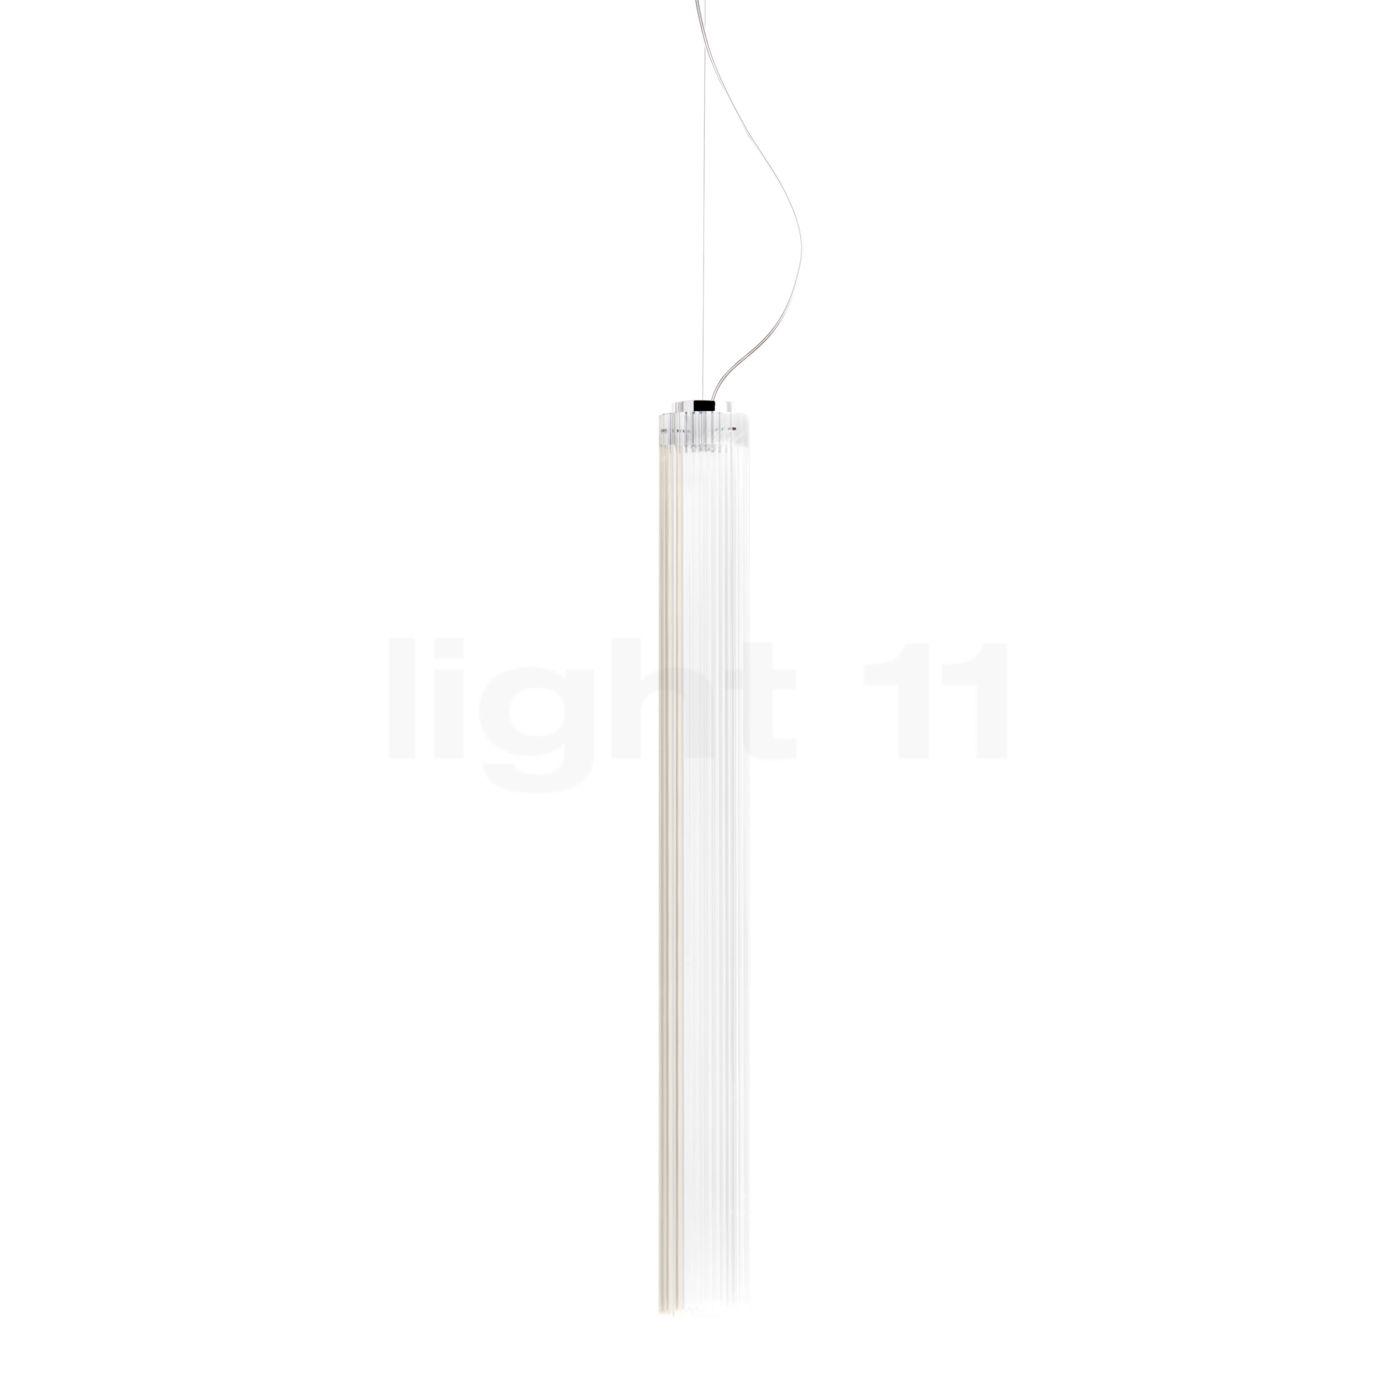 Kartell Rifly Pendelleuchte LED, Kristall, 90 cm 09360B4